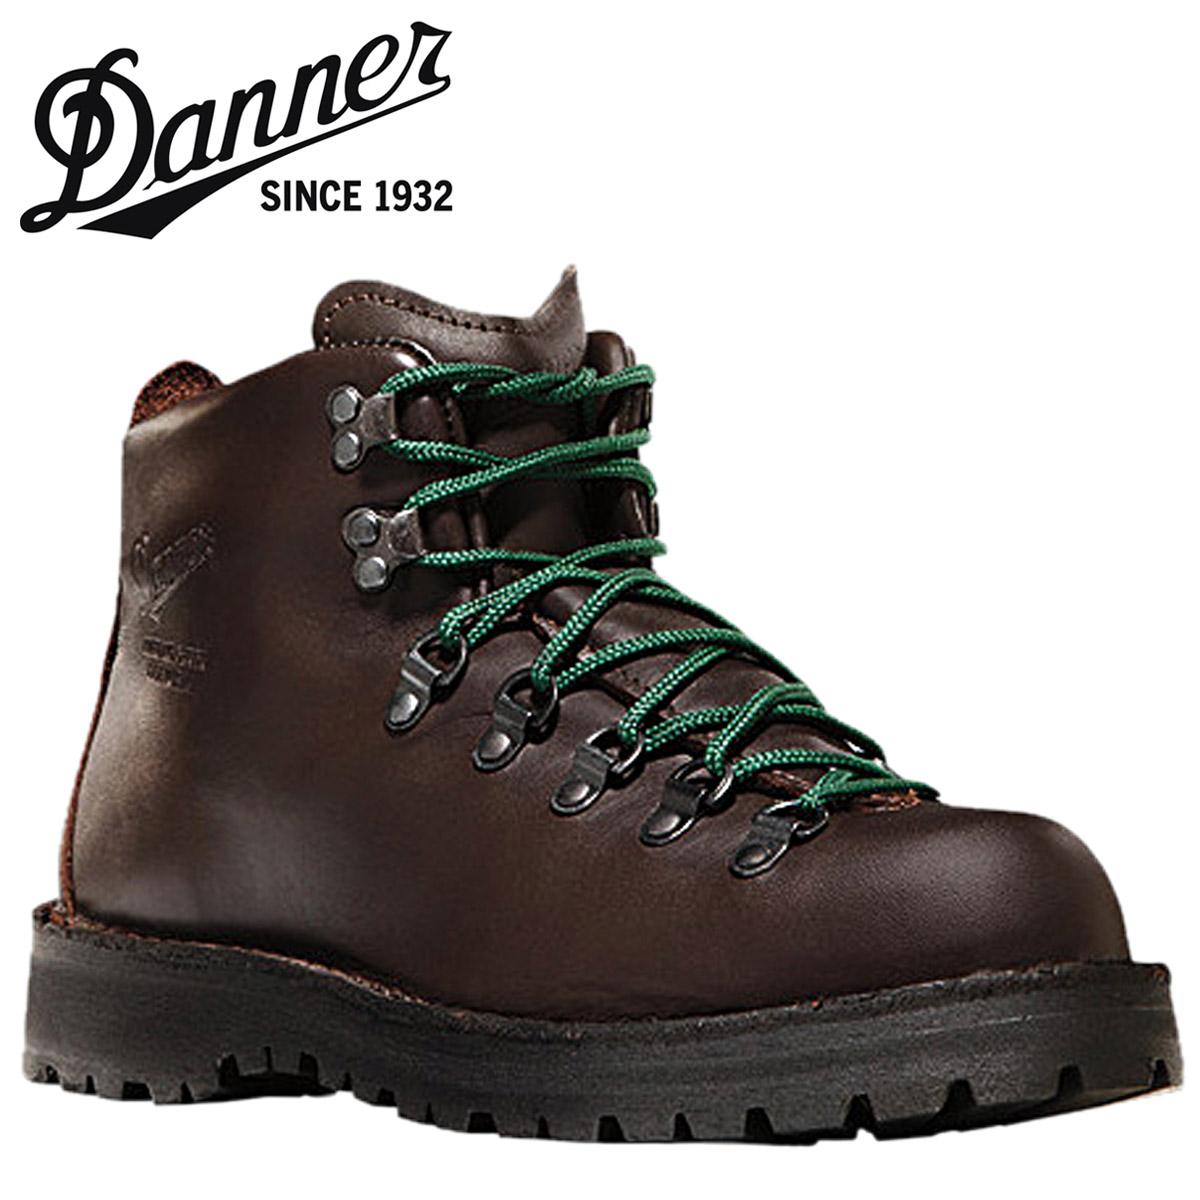 【最大2000円OFFクーポン】 ダナー Danner マウンテンライト ブーツ Danner2 30800 ダークブラウン Mountain Light II Dワイズ EEワイズ レザー GORE-TEX BOOTS メンズ [3/3 再入荷]